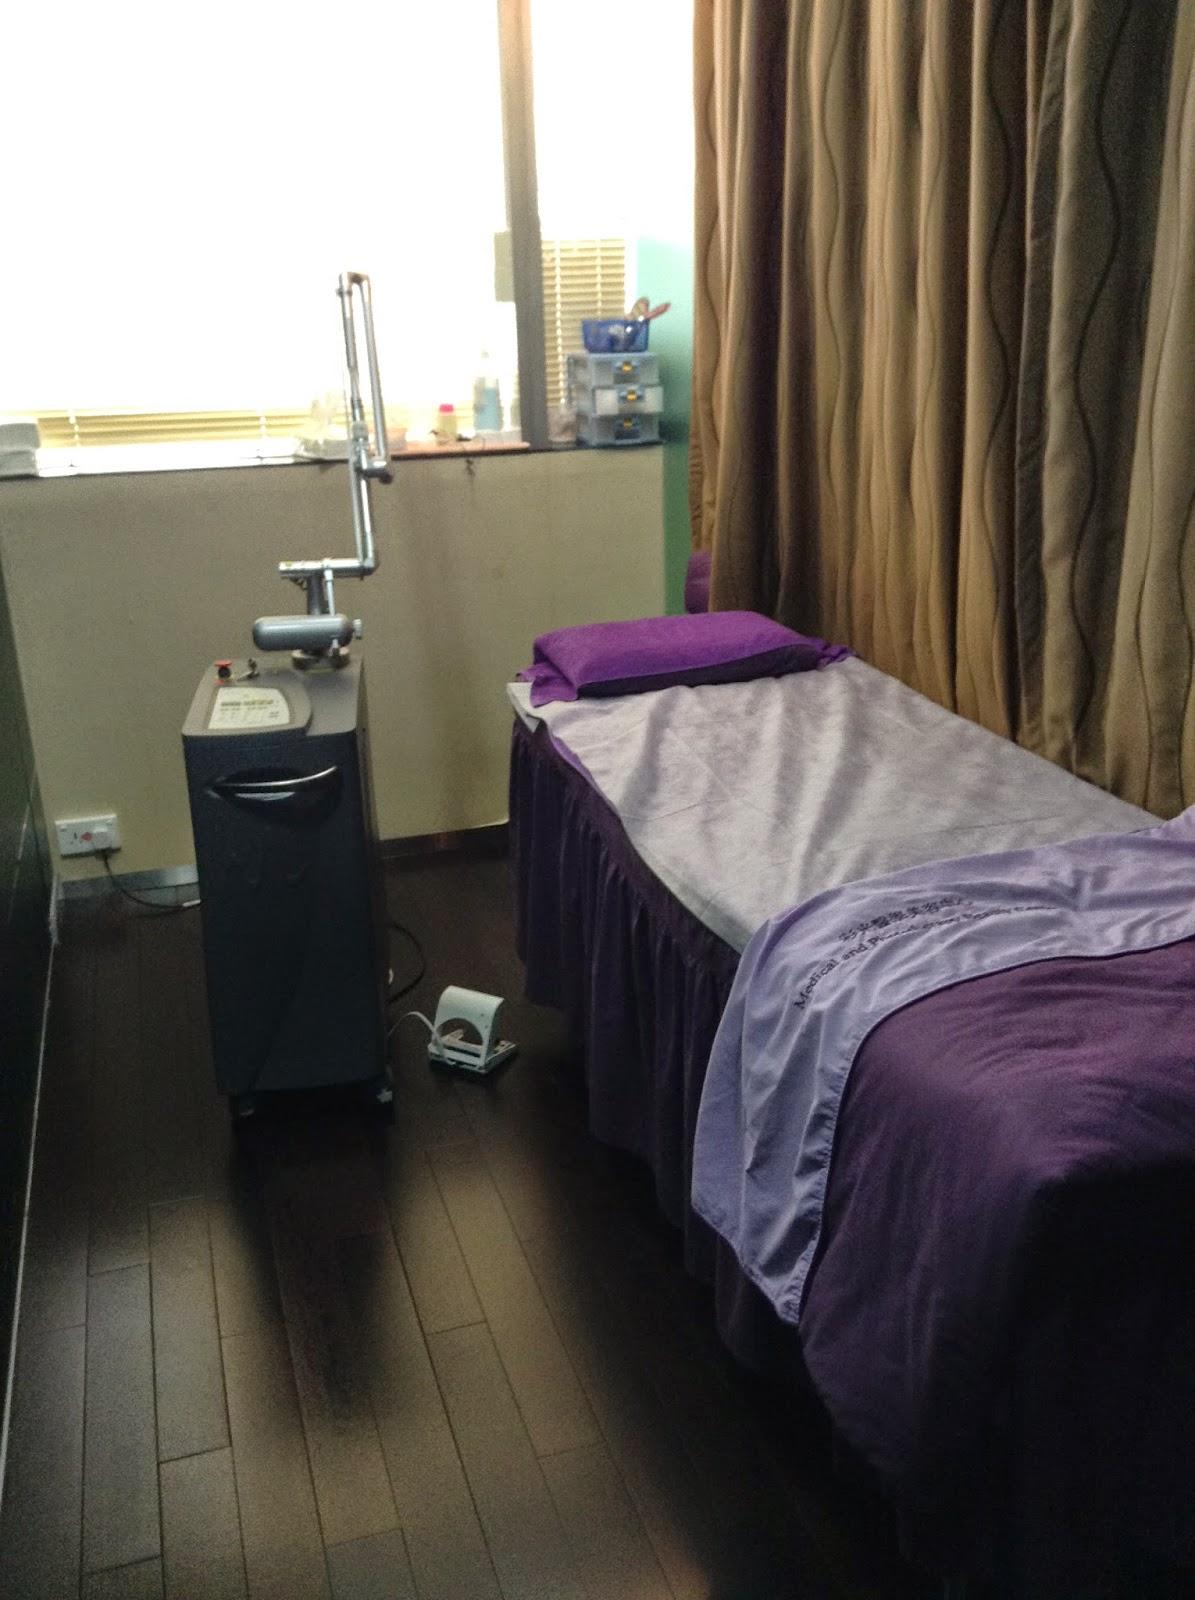 >> 15 分鐘嫩膚*CUTIS 彩光醫學美容中心 MedLite C6 納米激光療程